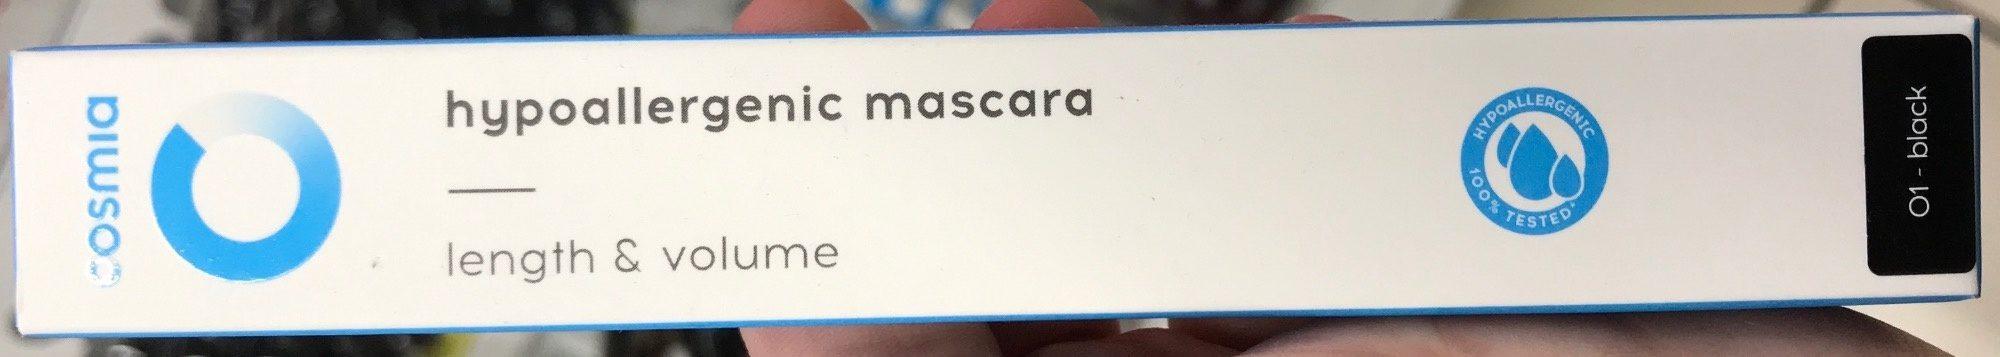 Mascara hypoallergénique Noir 01 - Produit